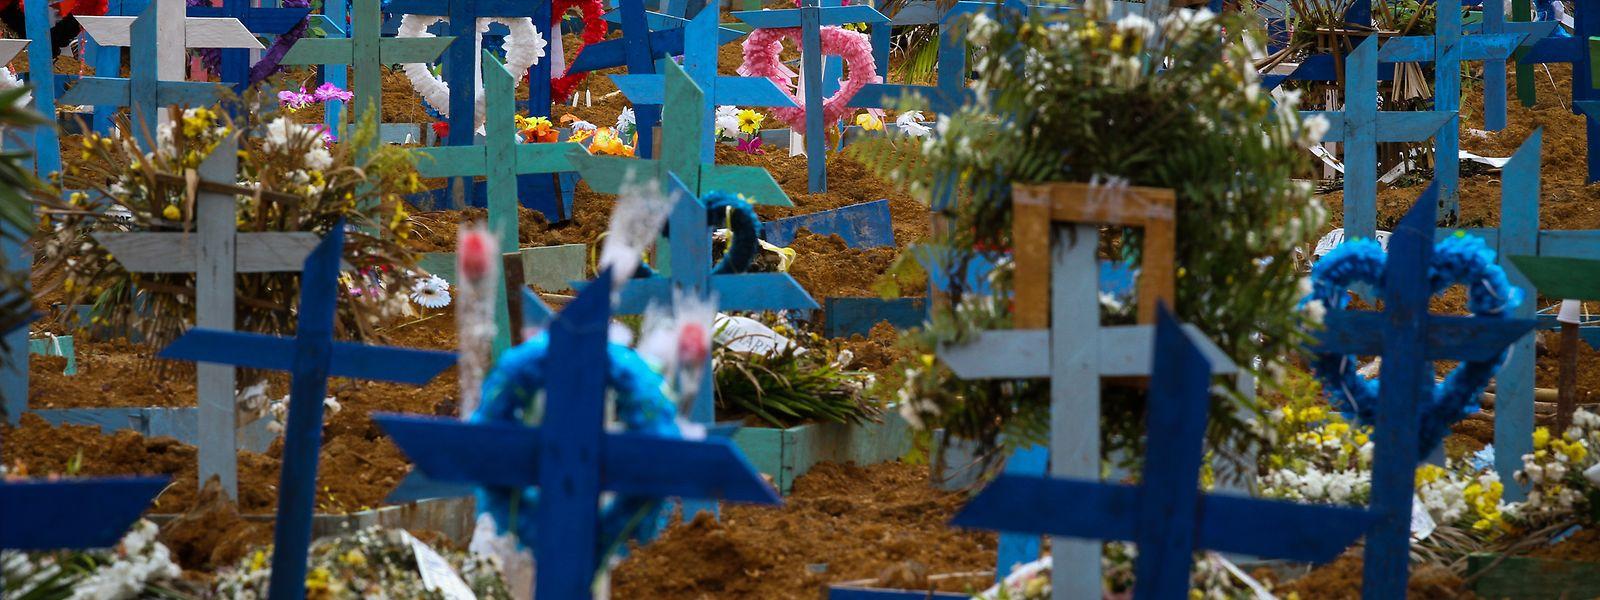 Holzkreuze auf den Gräbern des Friedhofs Nossa Senhora Aparecida in Manaus in Brasilien.